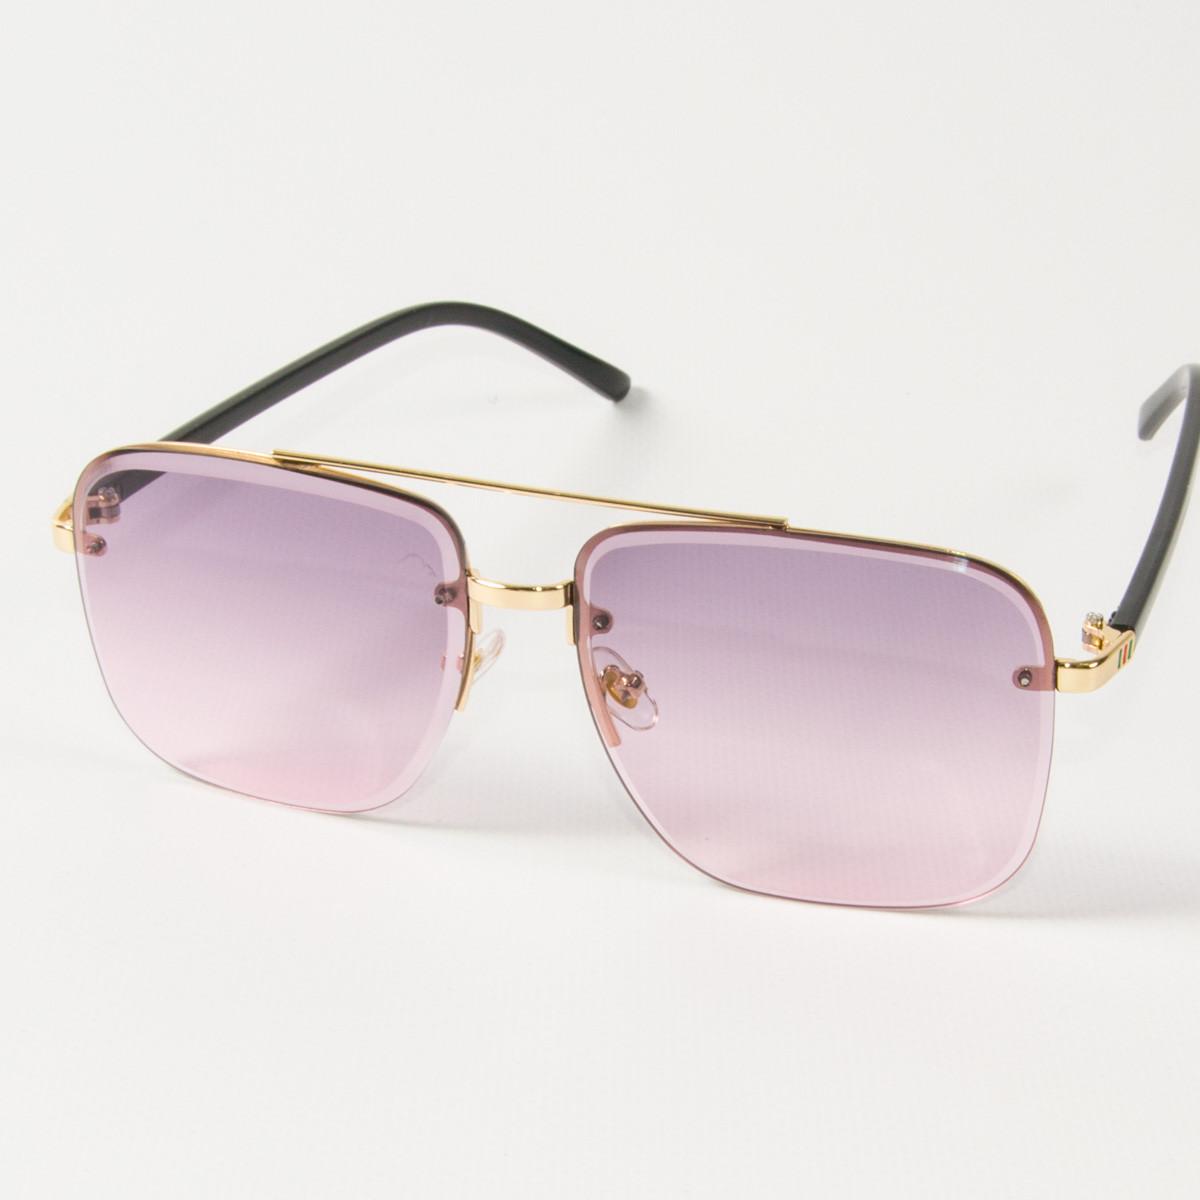 Женские квадратные солнцезащитные очки  (арт. 6278/2) розовые